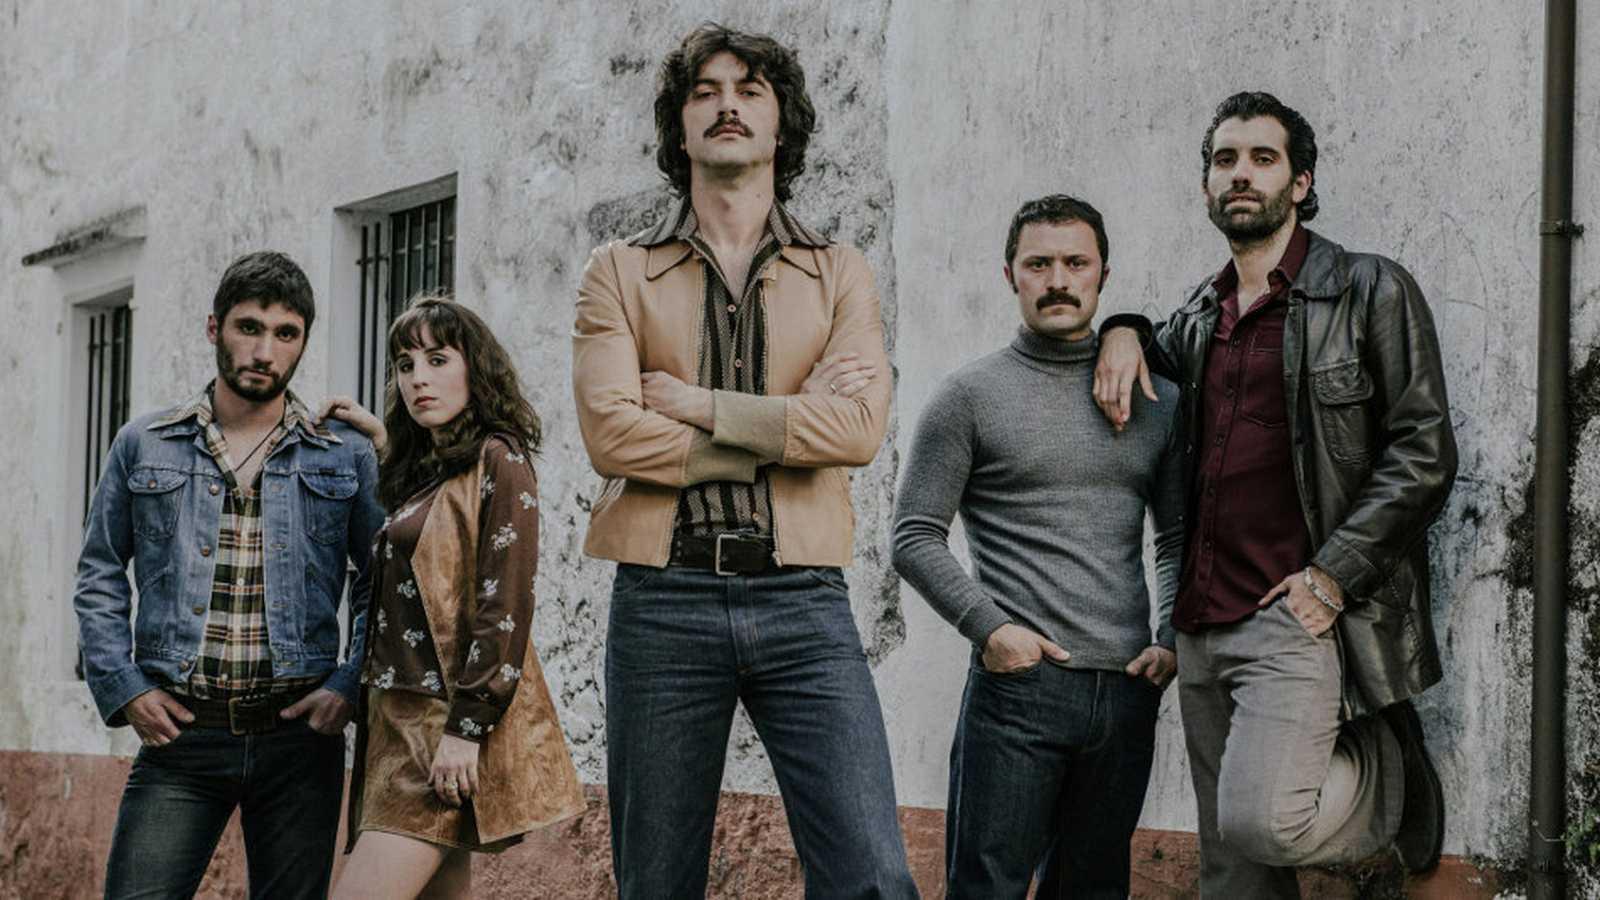 Emissão em Português - Literatura galega destaca nas plataformas de séries via streaming - 26/10/20 - Escuchar ahora